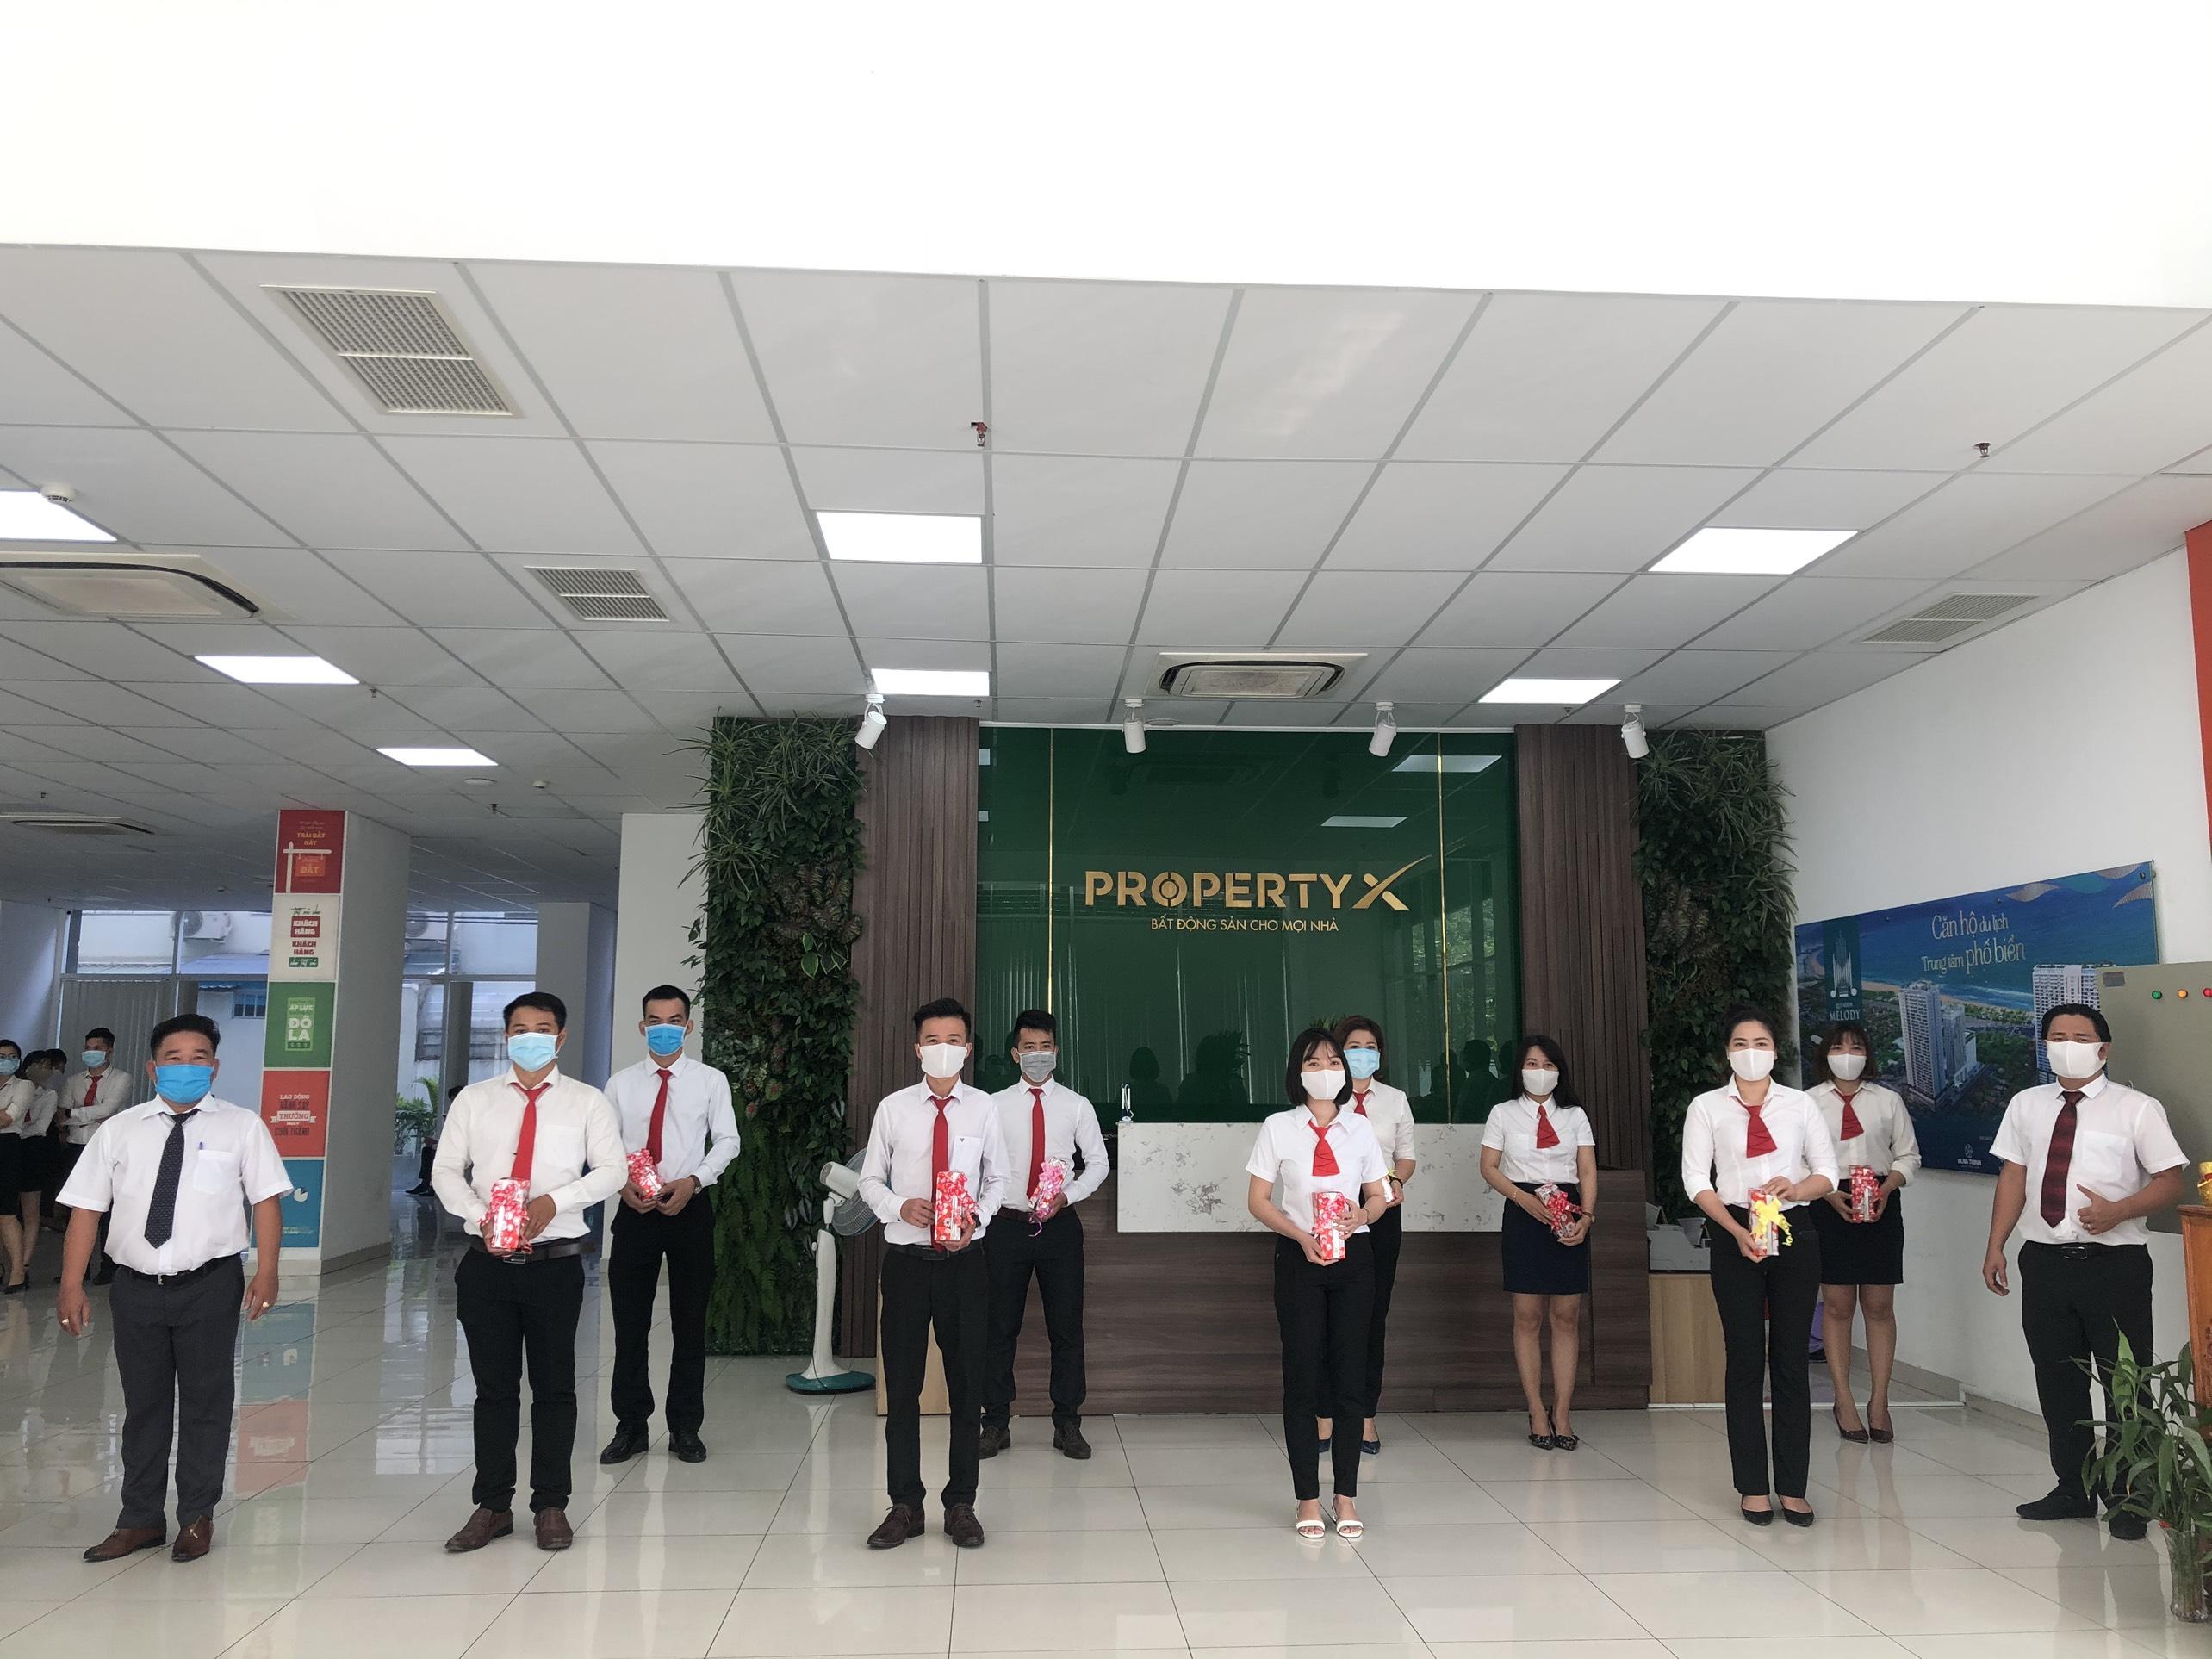 Dự án đất nền Hưng Thịnh, Căn hộ Q7 - Tổng kết hoạt động kinh doanh sàn Nam Sài Gòn Quý I/2020